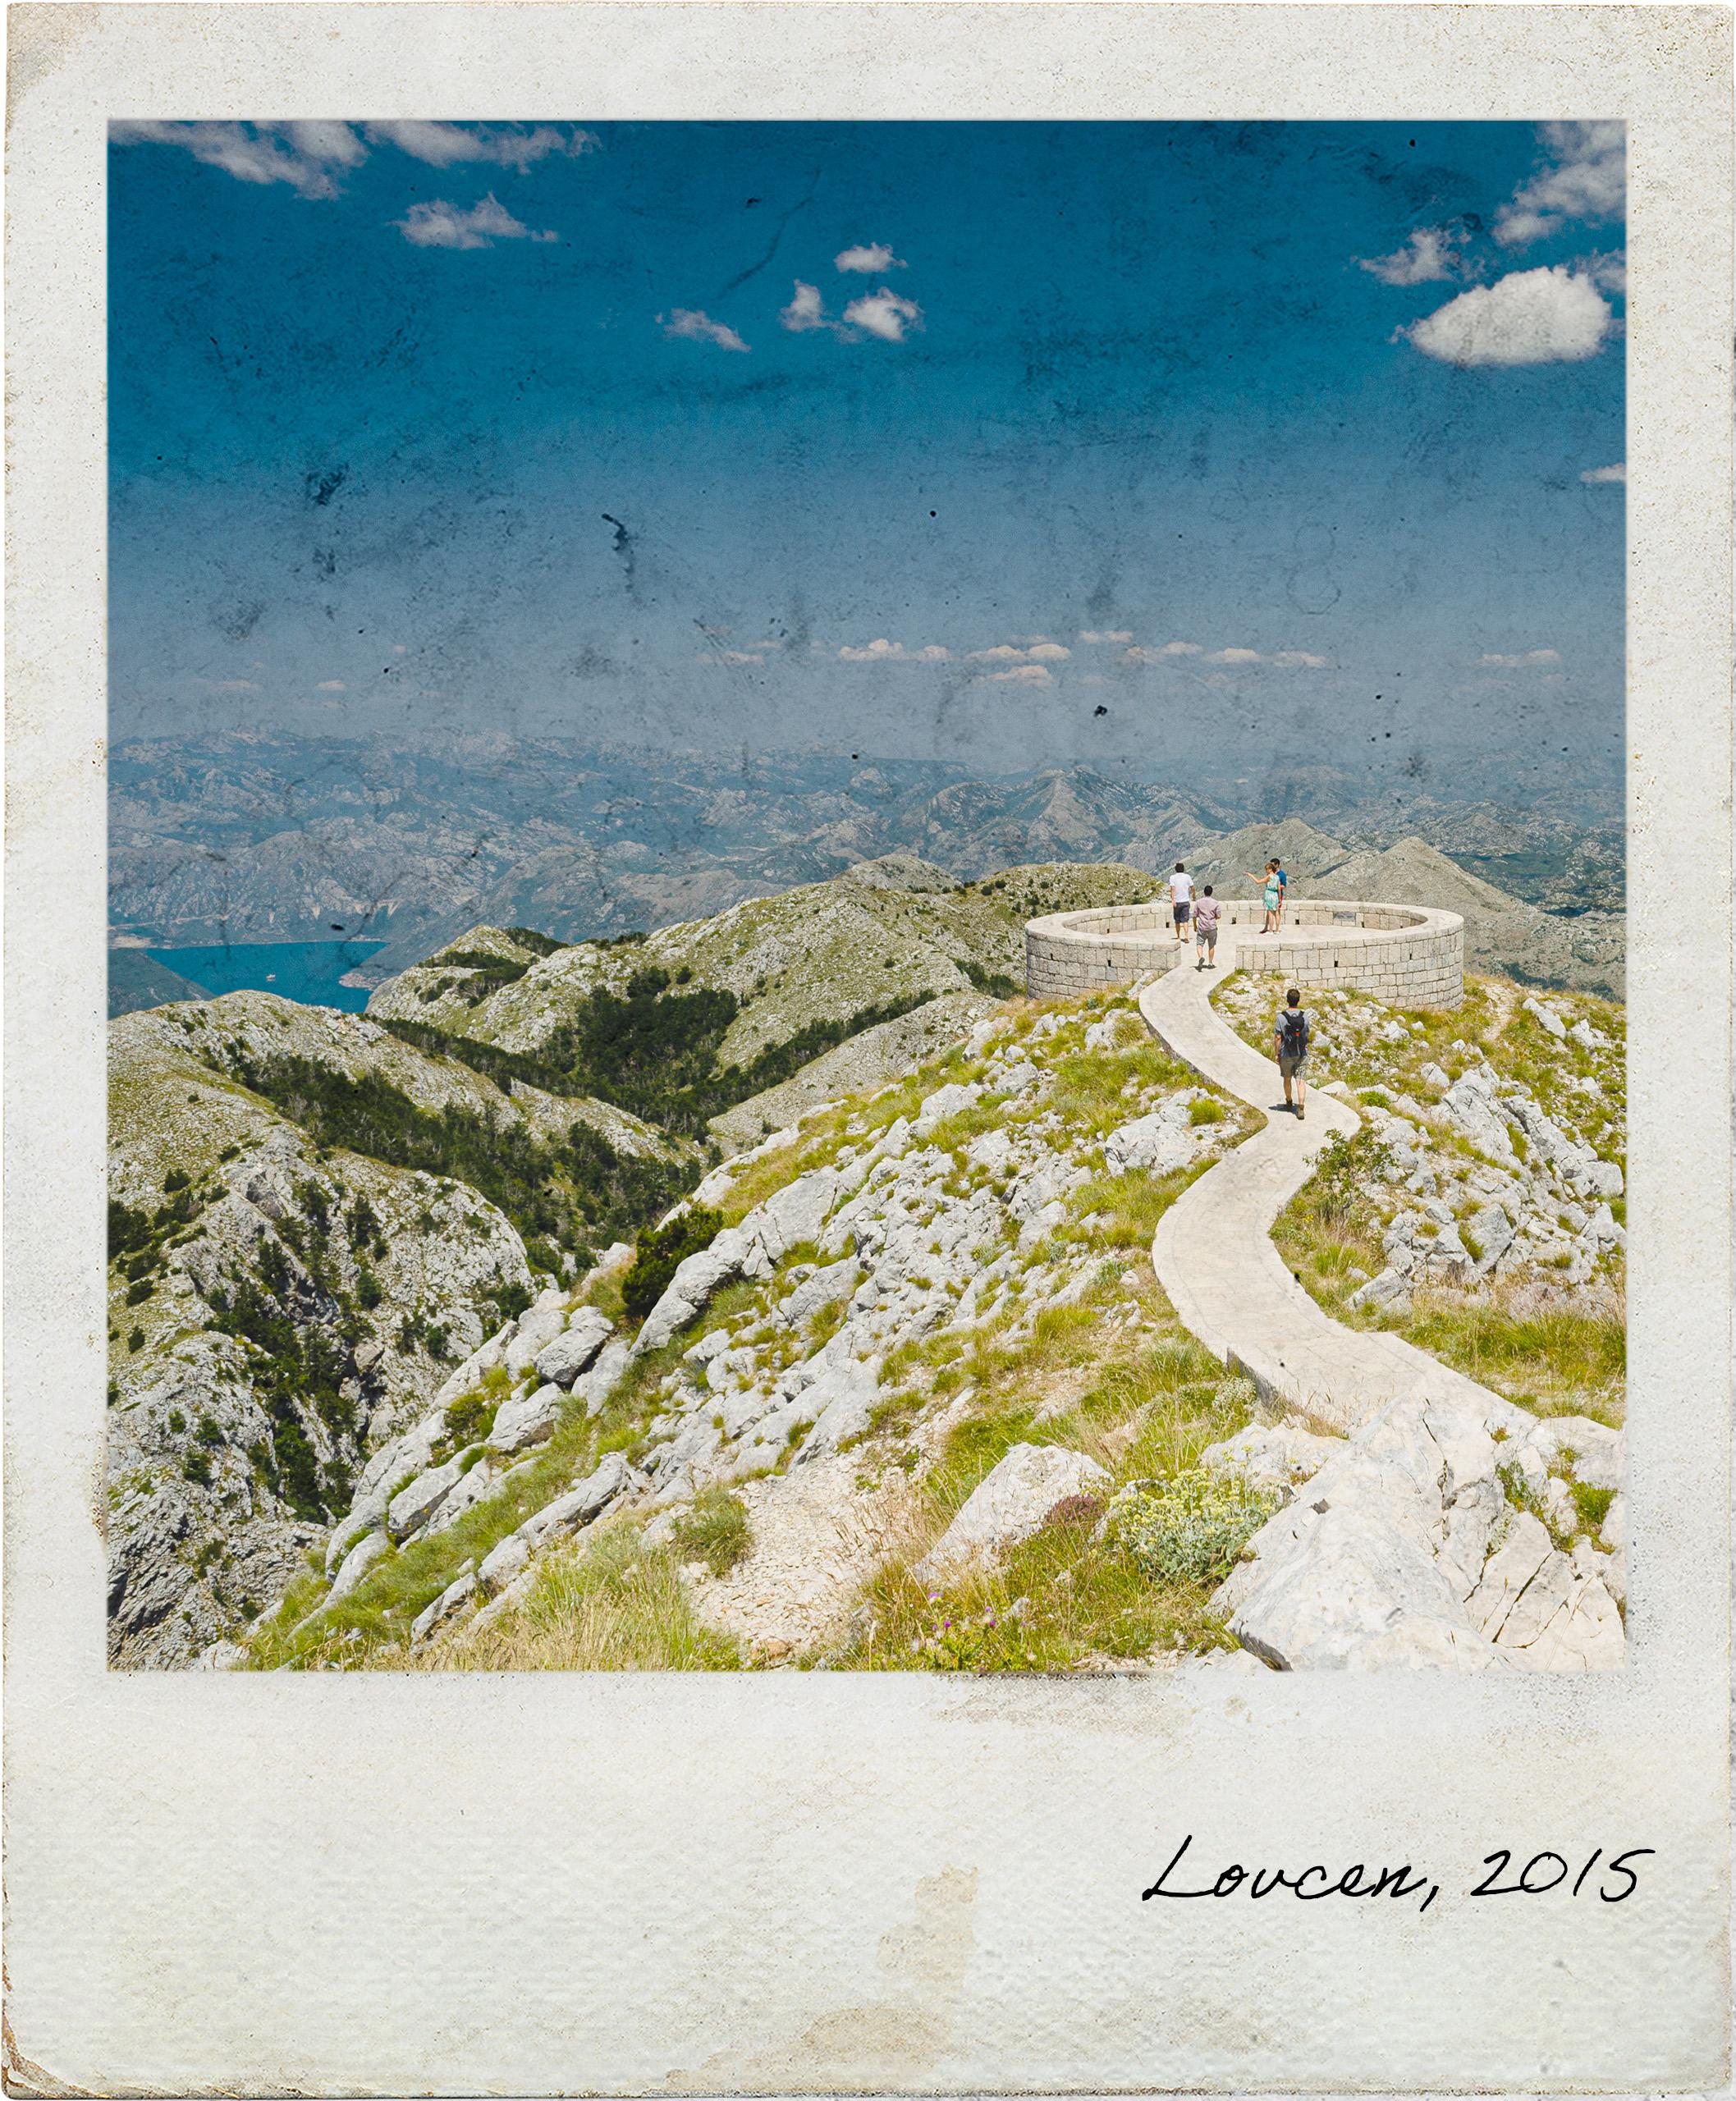 Miradouro em Lovcen